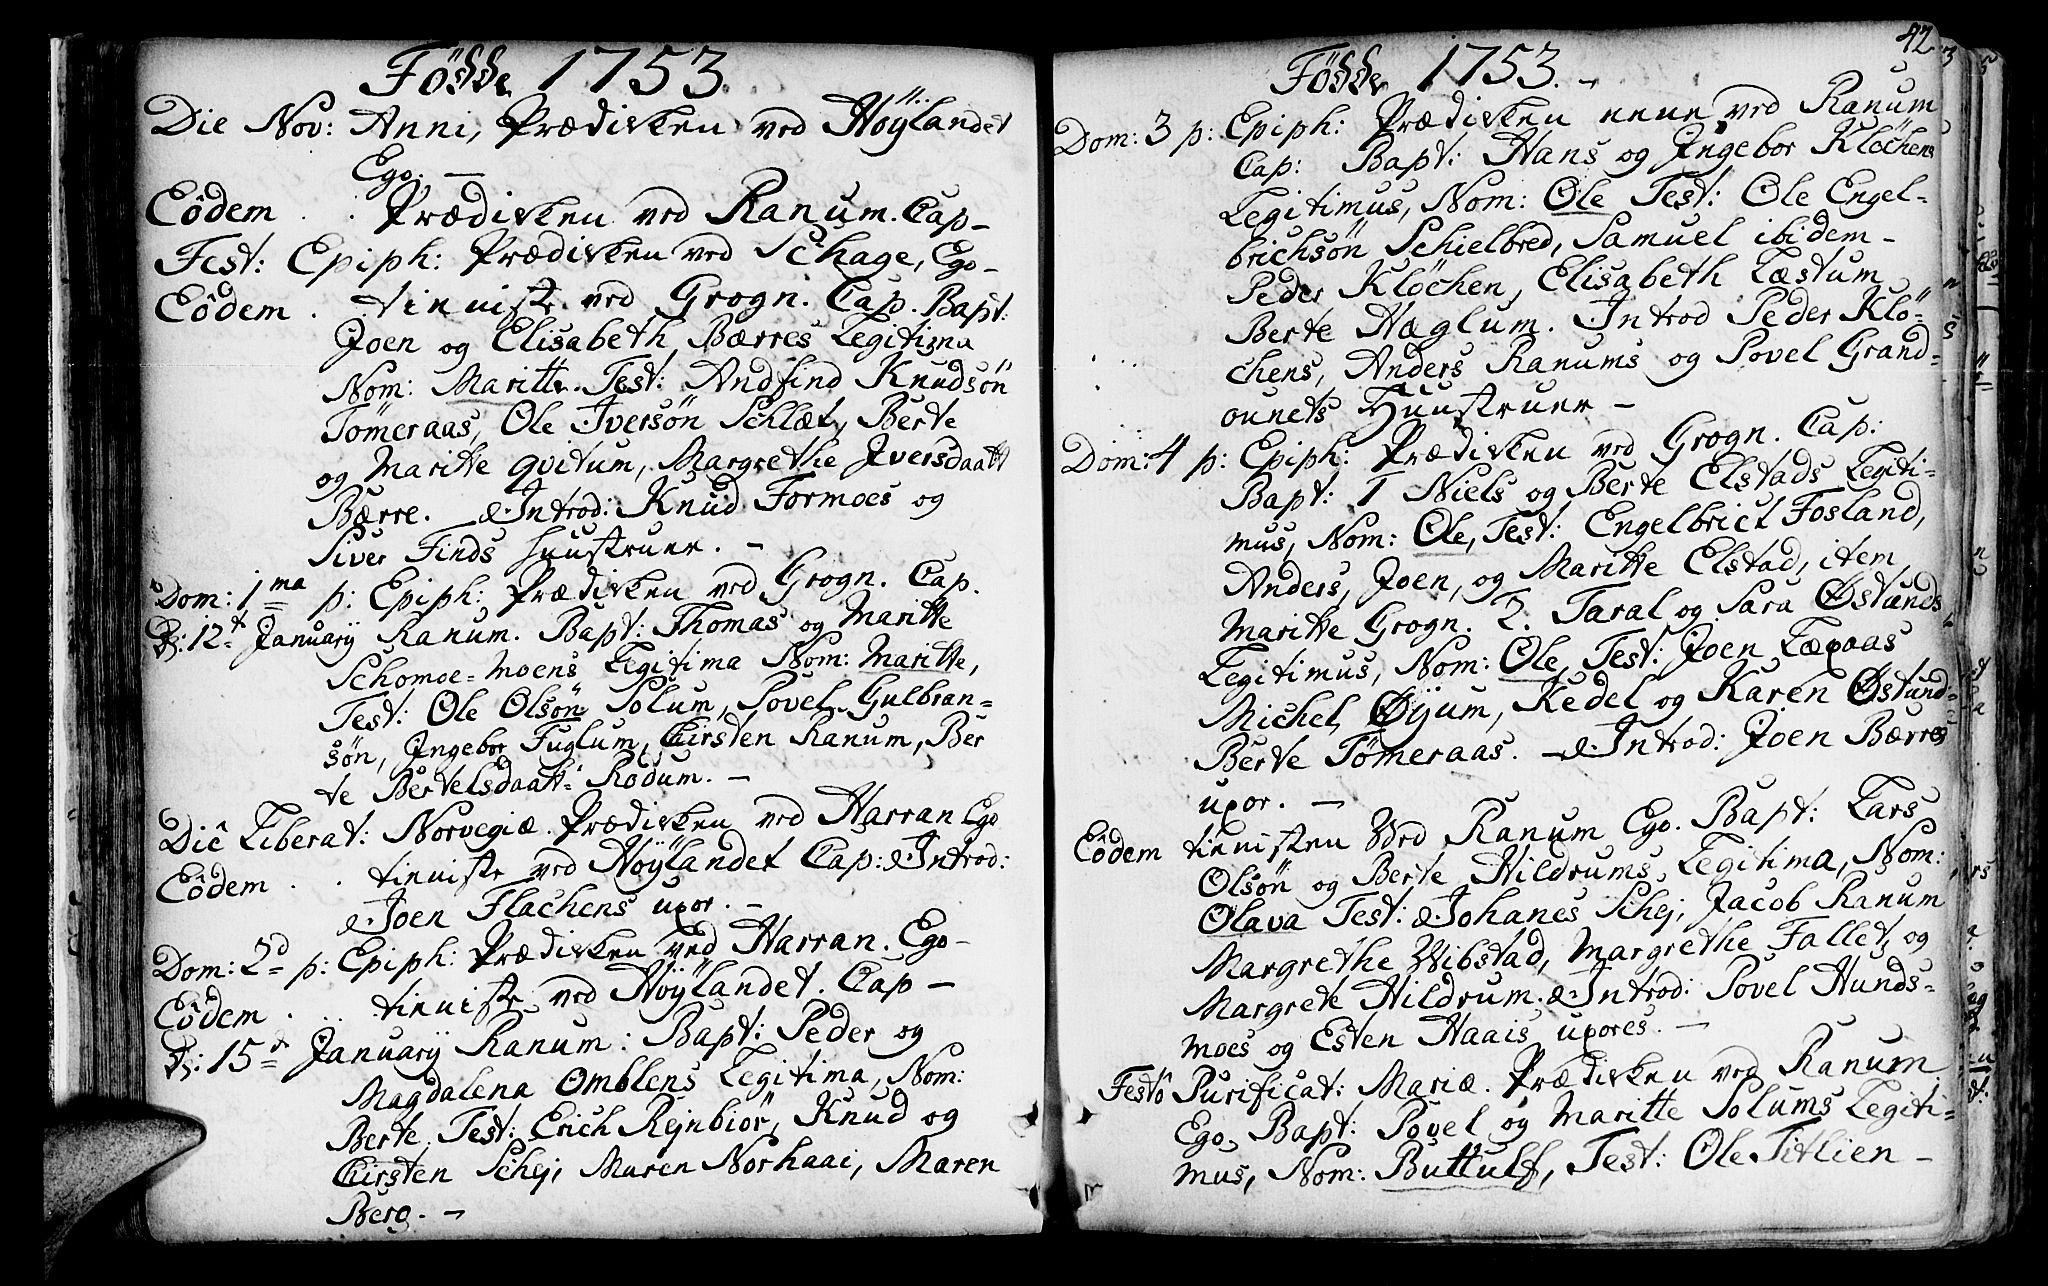 SAT, Ministerialprotokoller, klokkerbøker og fødselsregistre - Nord-Trøndelag, 764/L0542: Ministerialbok nr. 764A02, 1748-1779, s. 42